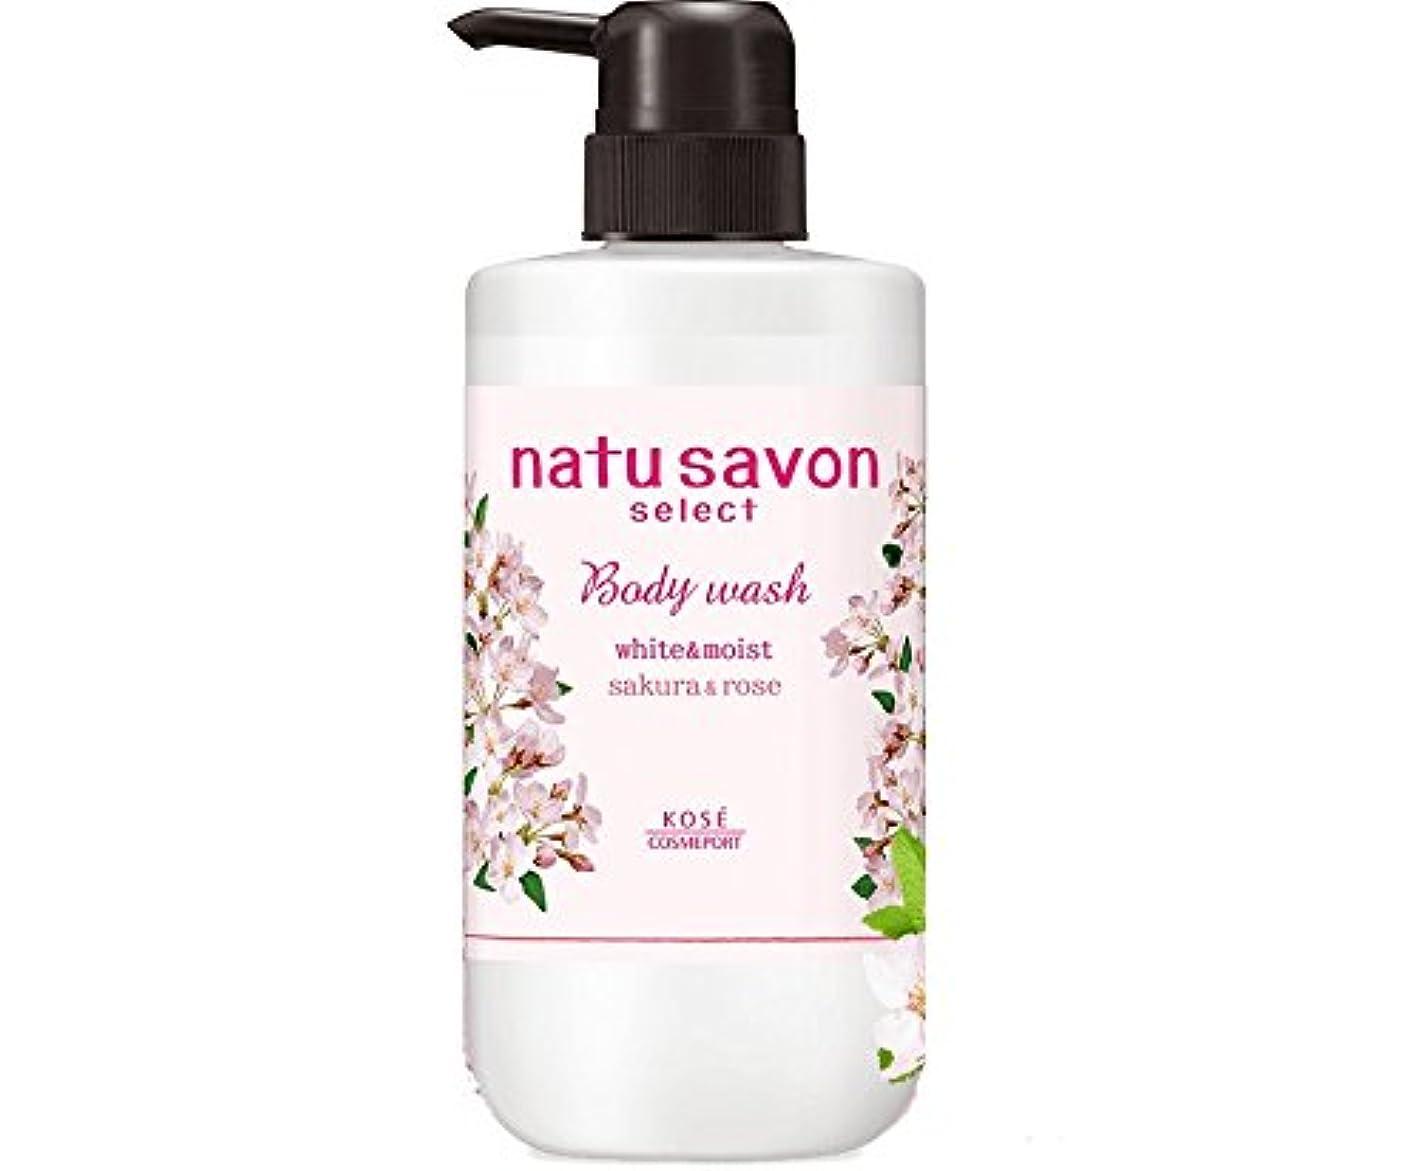 楽しむ反対に比較的ナチュサボンセレクト ボディウォッシュ ボタニカル桜の香り white&moist(数量限定品)